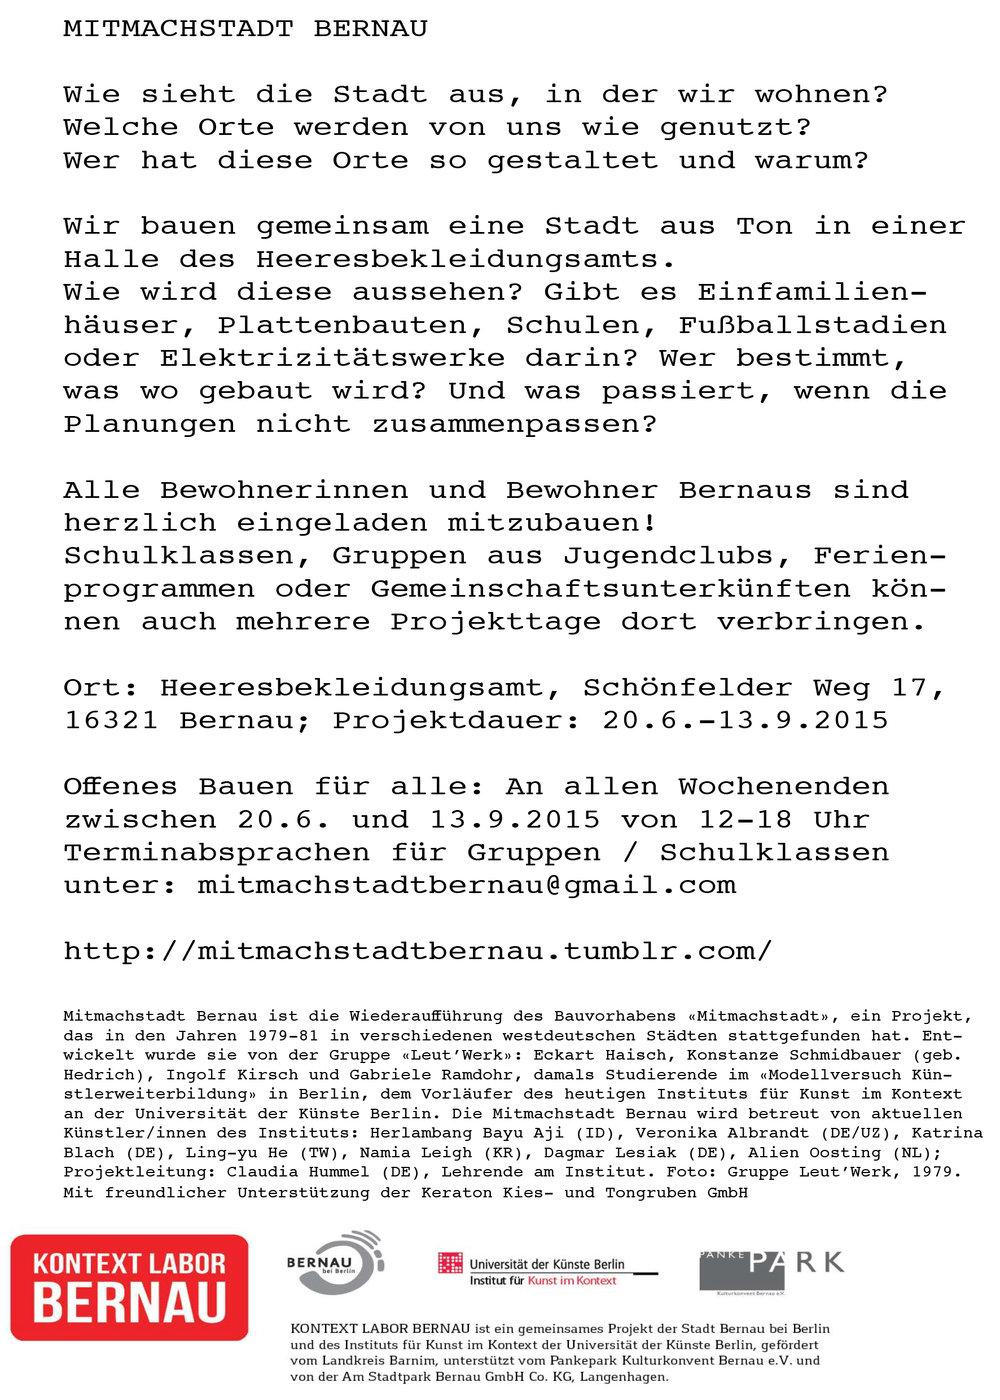 Mitmachstadt Bernau-2.jpg